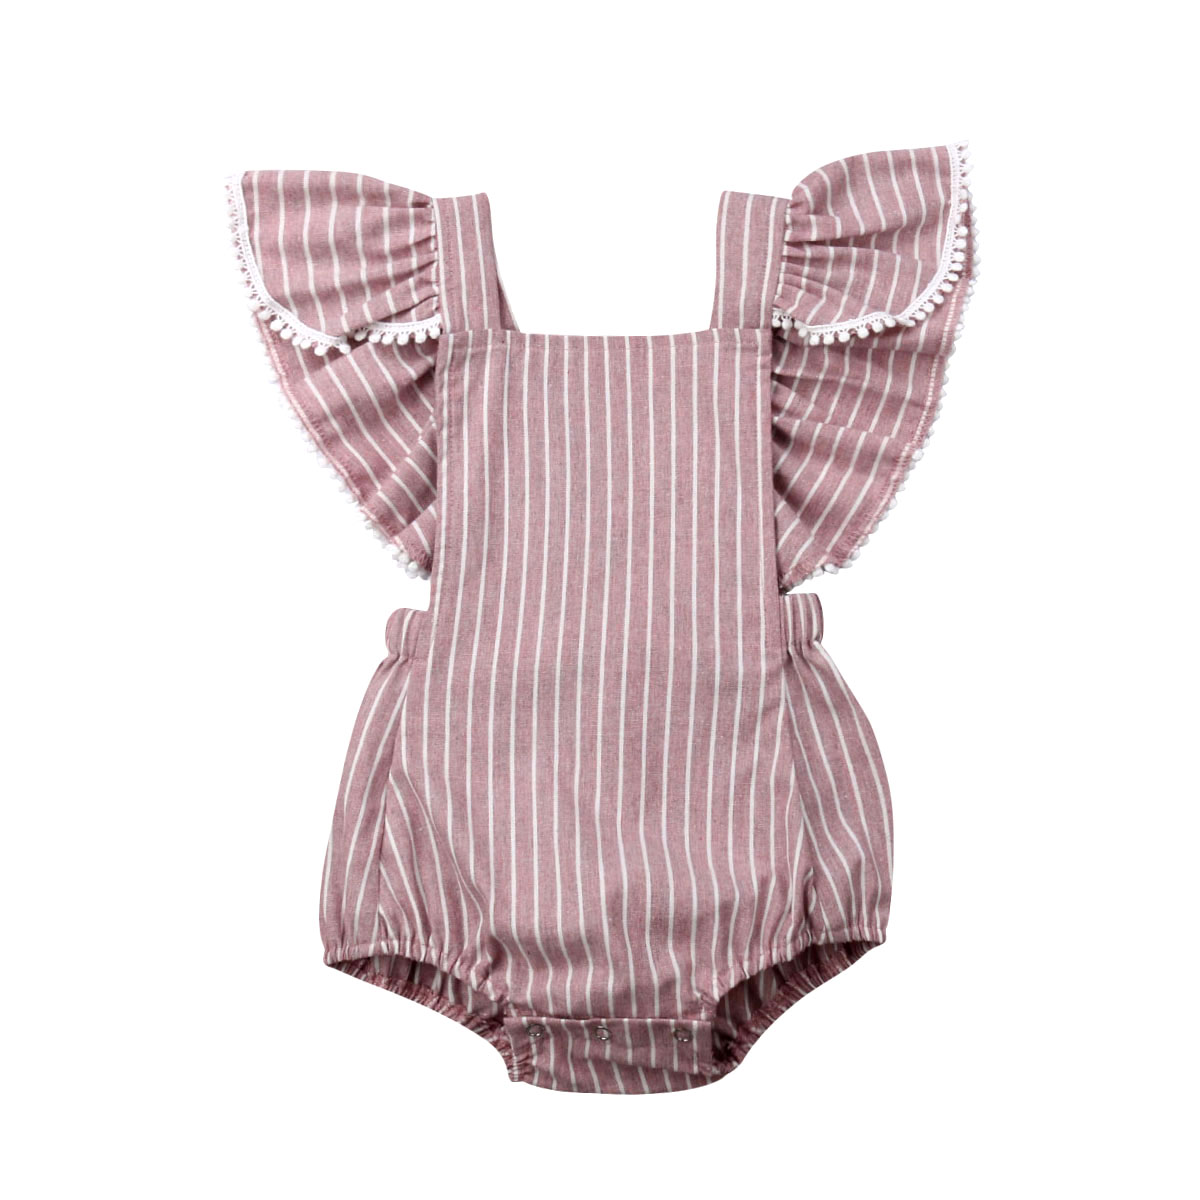 0-24 M Nette Neugeborene Baby Mädchen Rüschen Ärmel Striped Body Overall Overall Outfits Baby Kleidung Sommer